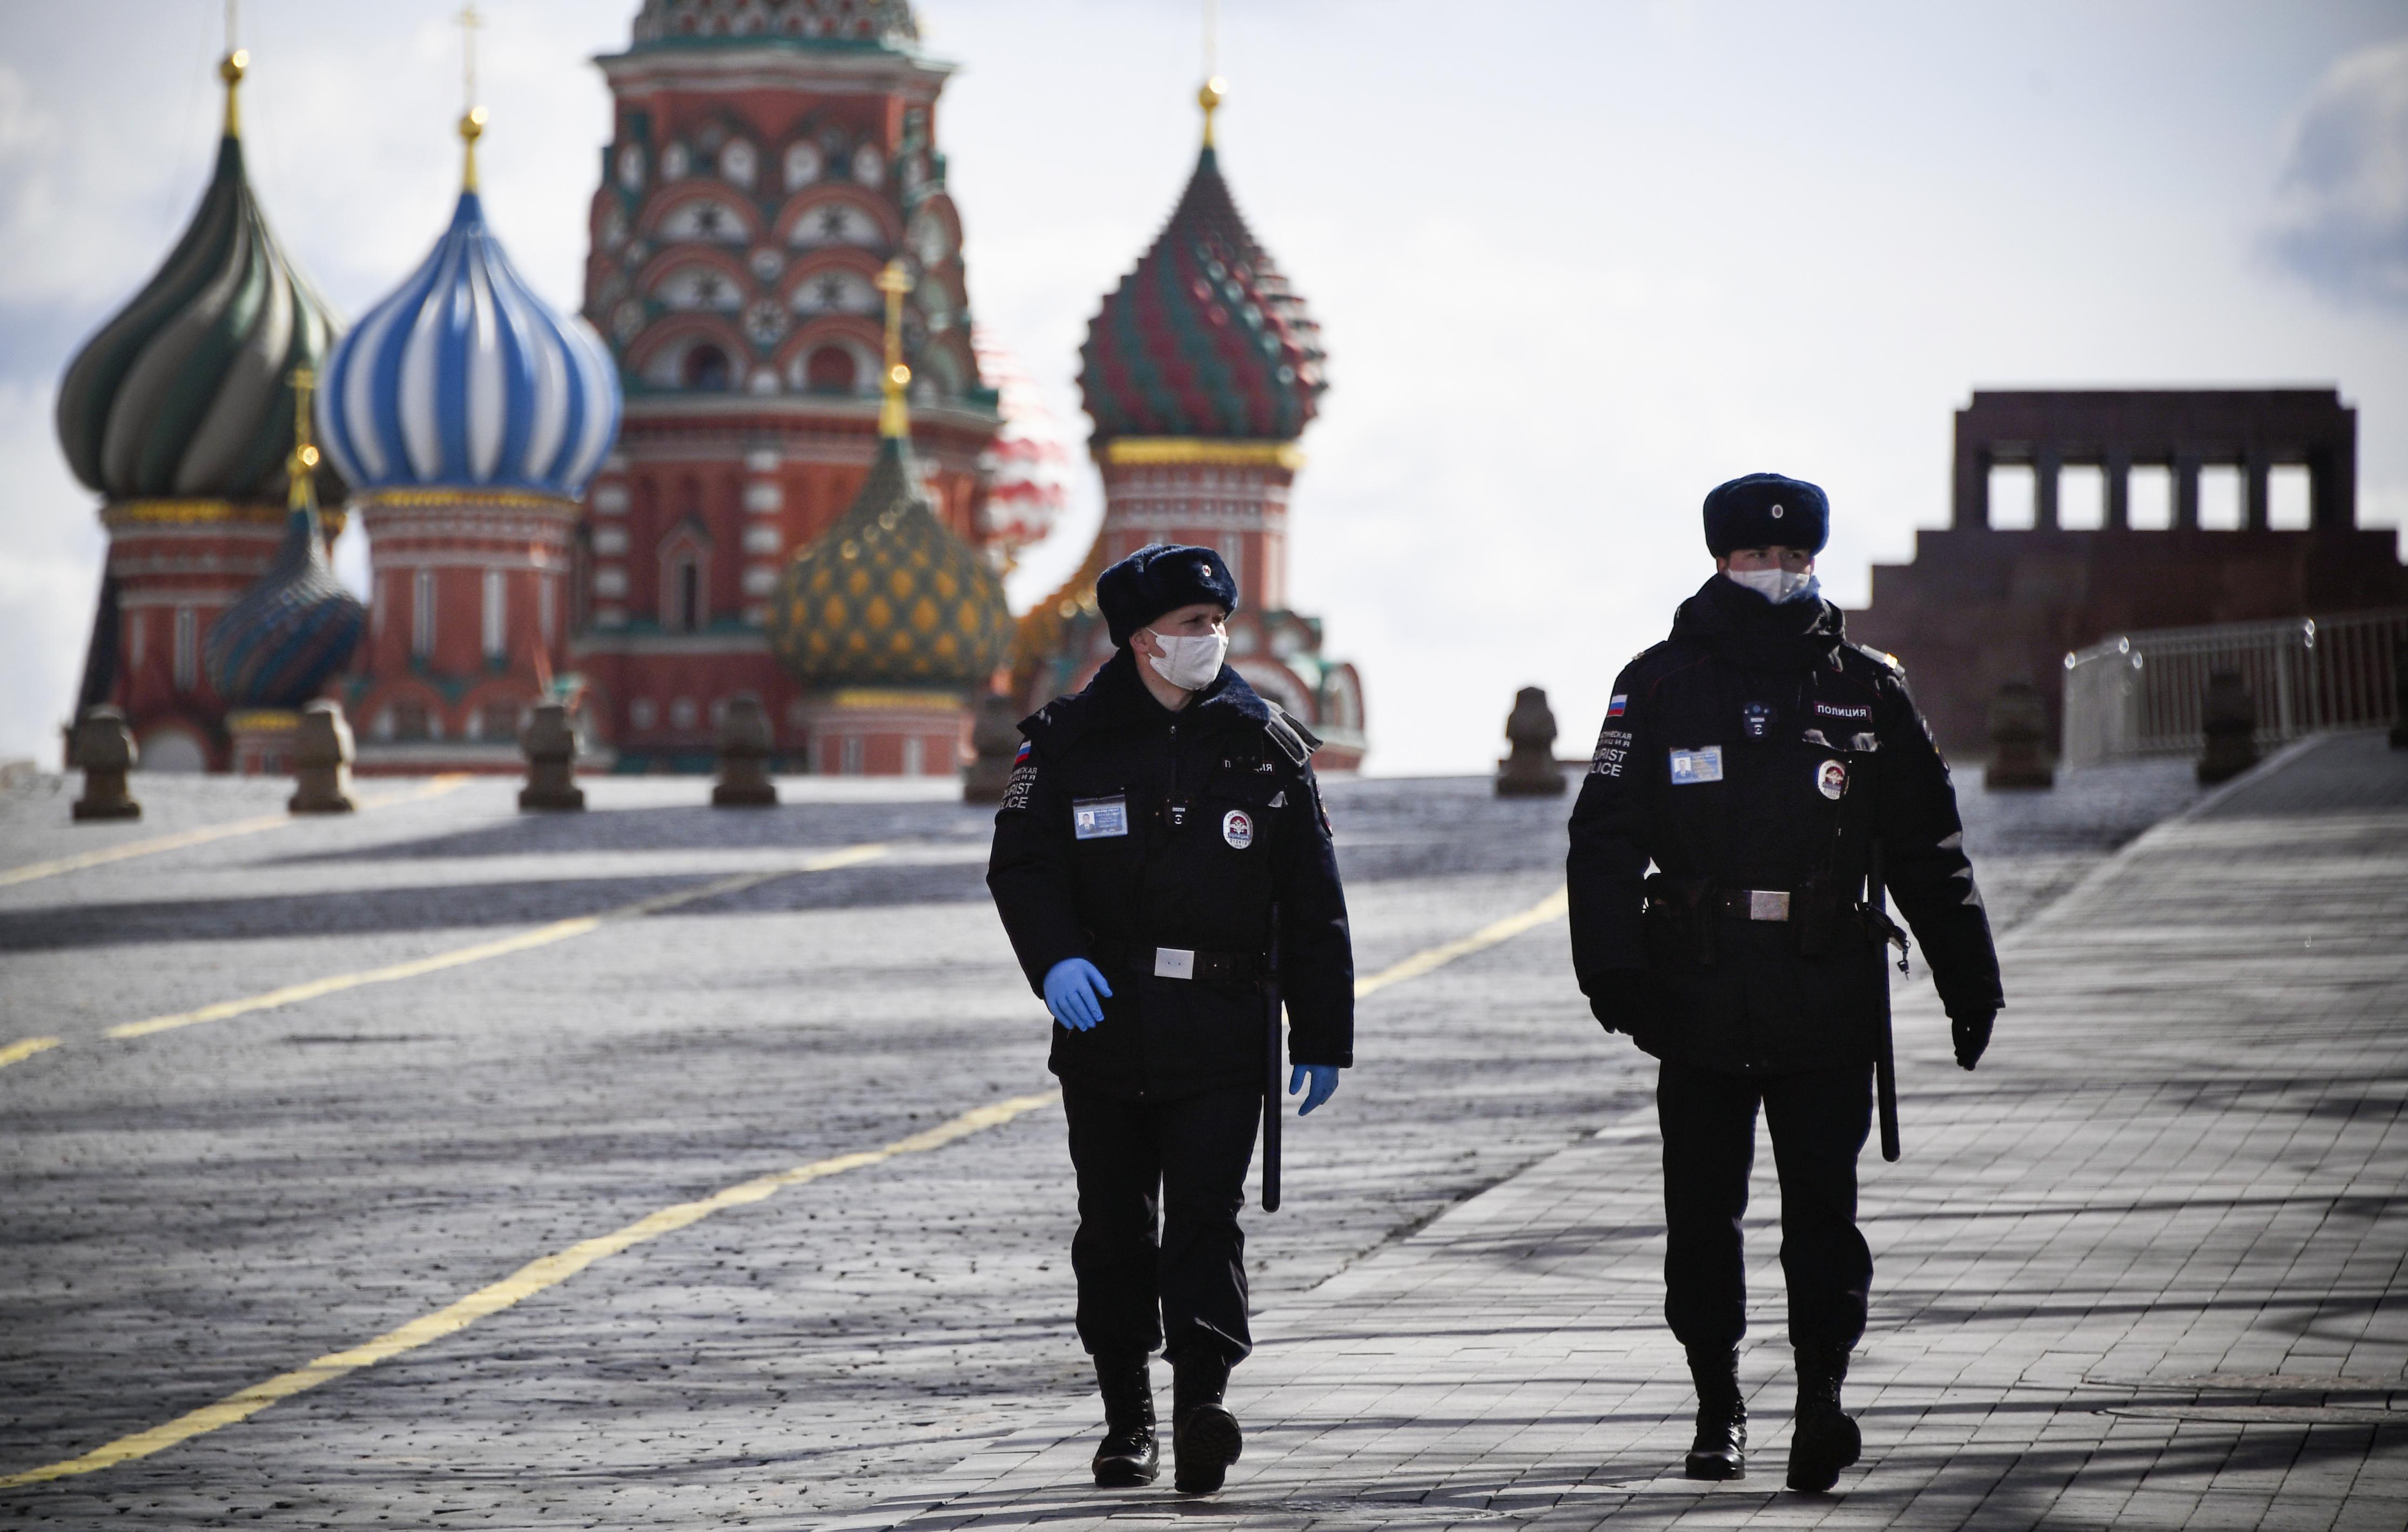 Moszkva szerint hackertámadások nehezítik a városi közlekedéshez szükséges digitális kódok lehívását